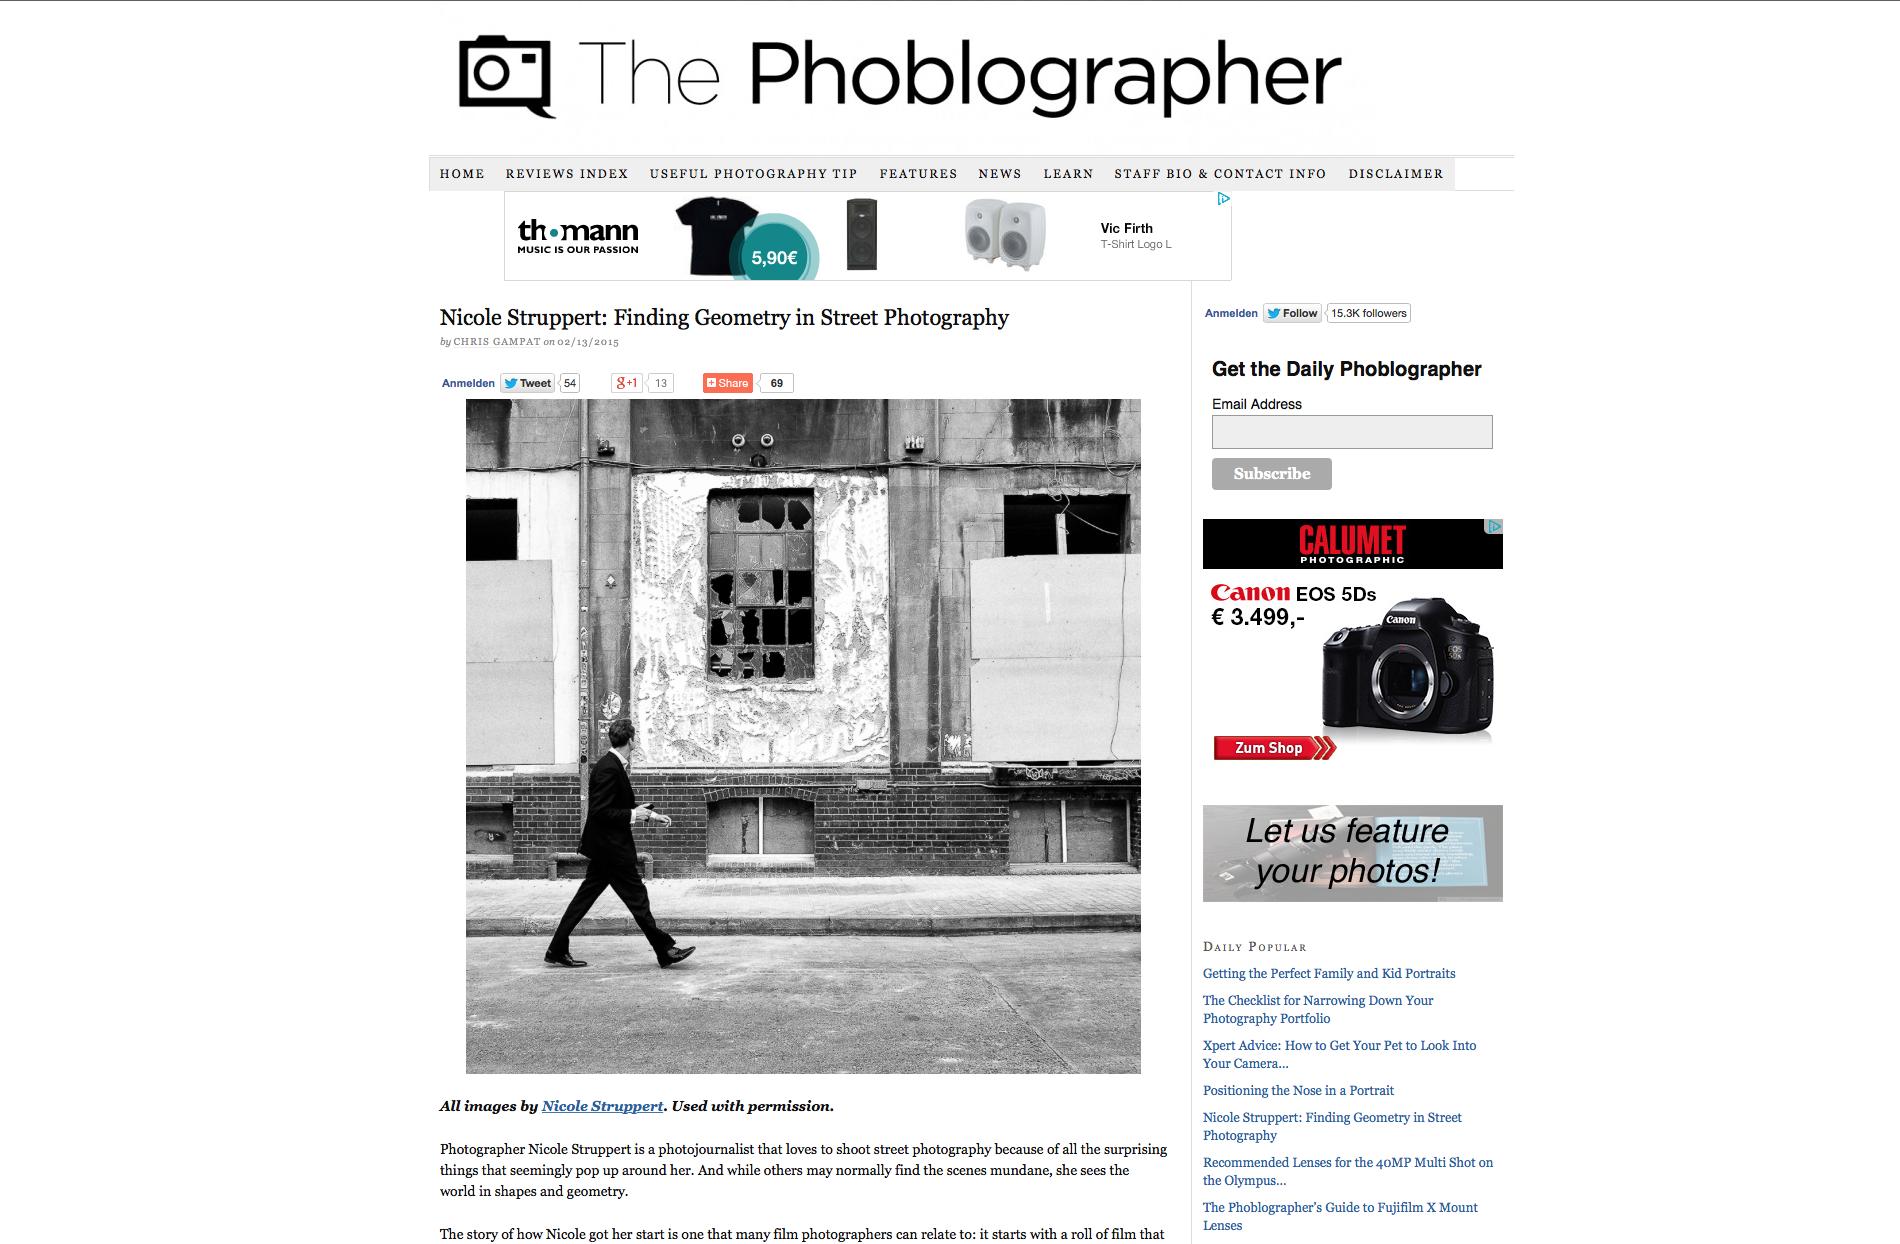 The Phoblograper